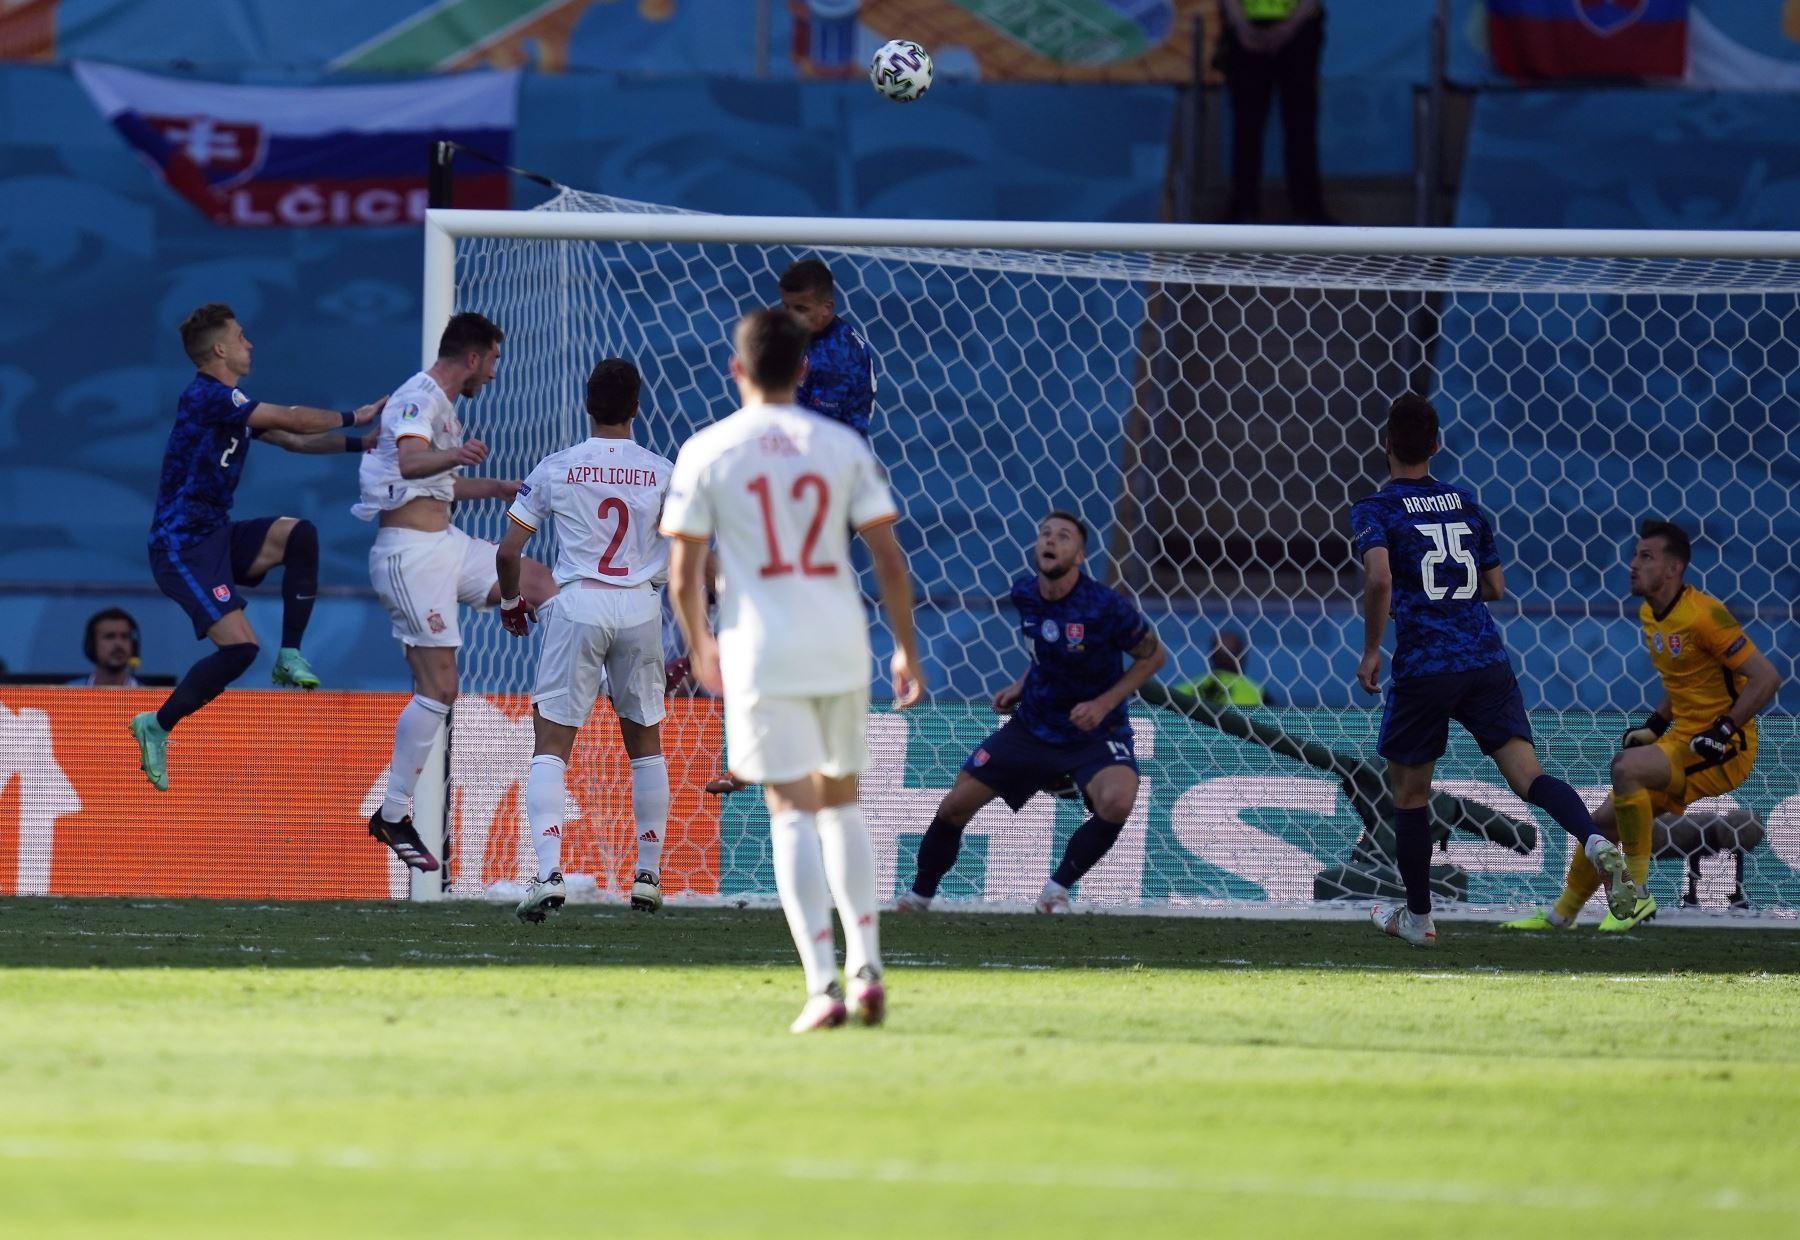 El español Aymeric Laporte marca el segundo gol de su equipo durante el partido de fútbol de la ronda preliminar del grupo E de la UEFA EURO 2020, en Sevilla. Foto: EFE